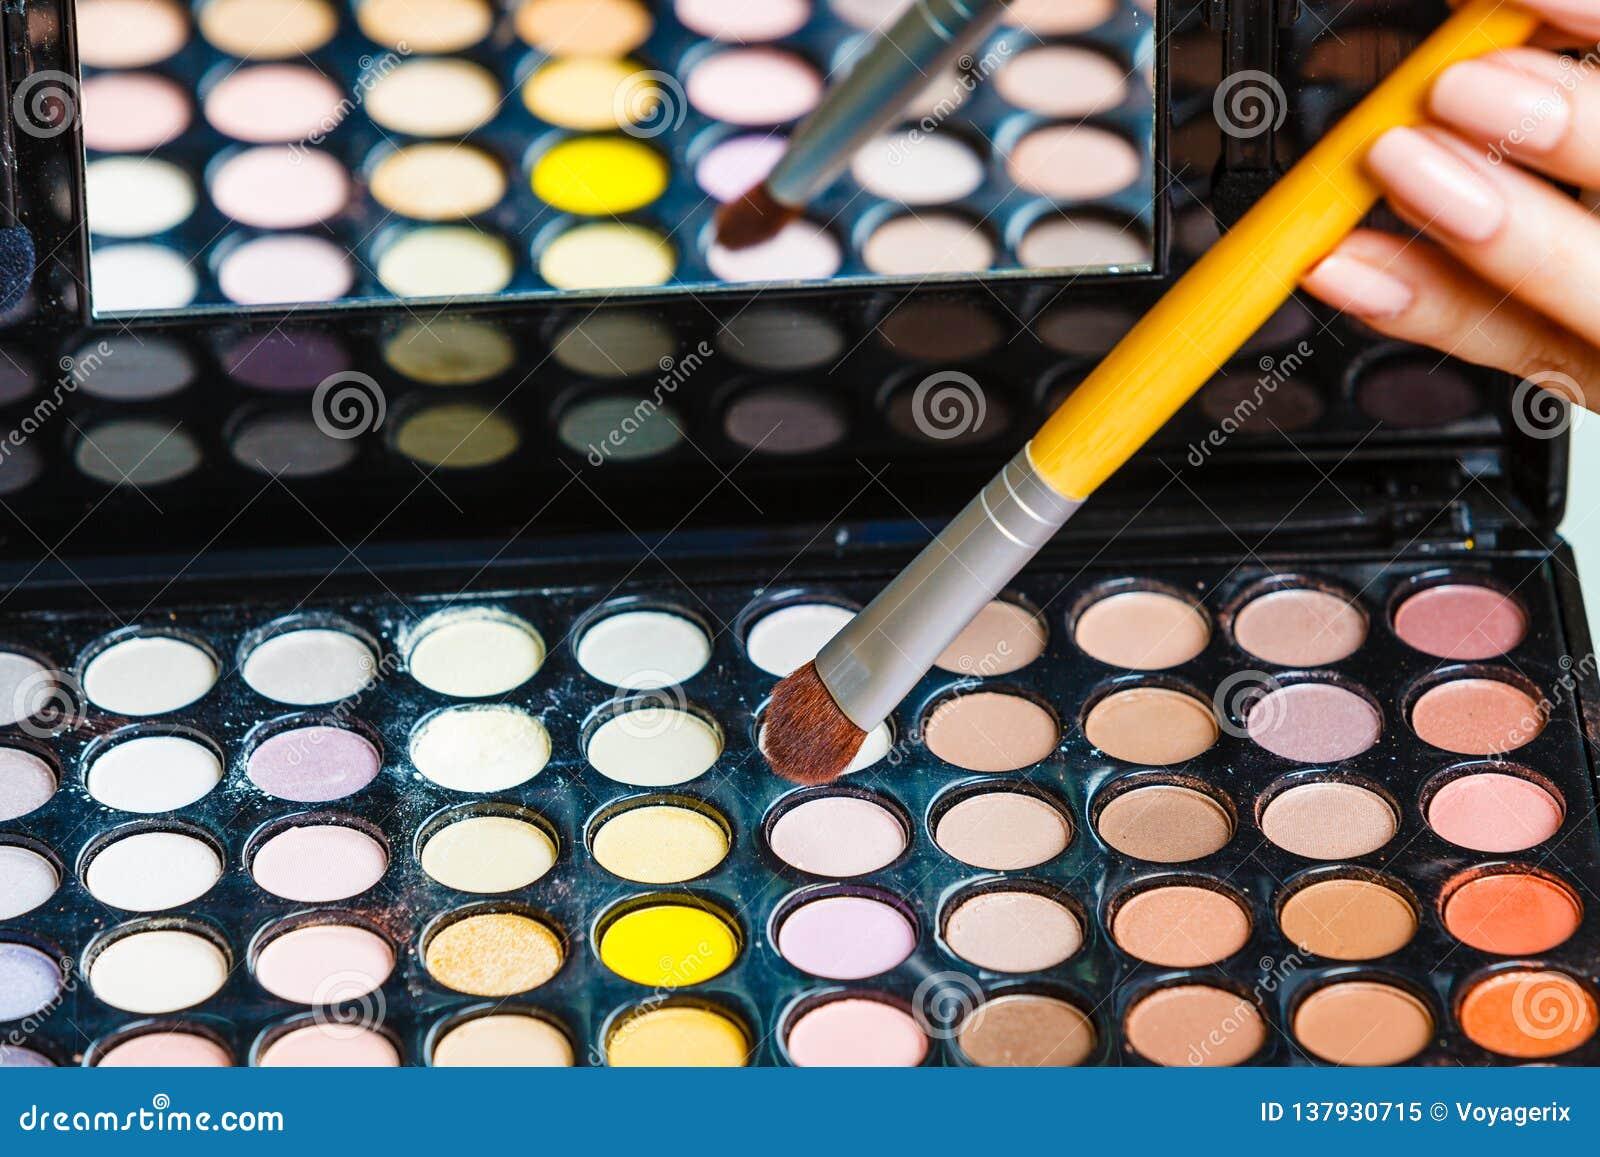 Frau hält Make-uplidschattenpalette und -bürste